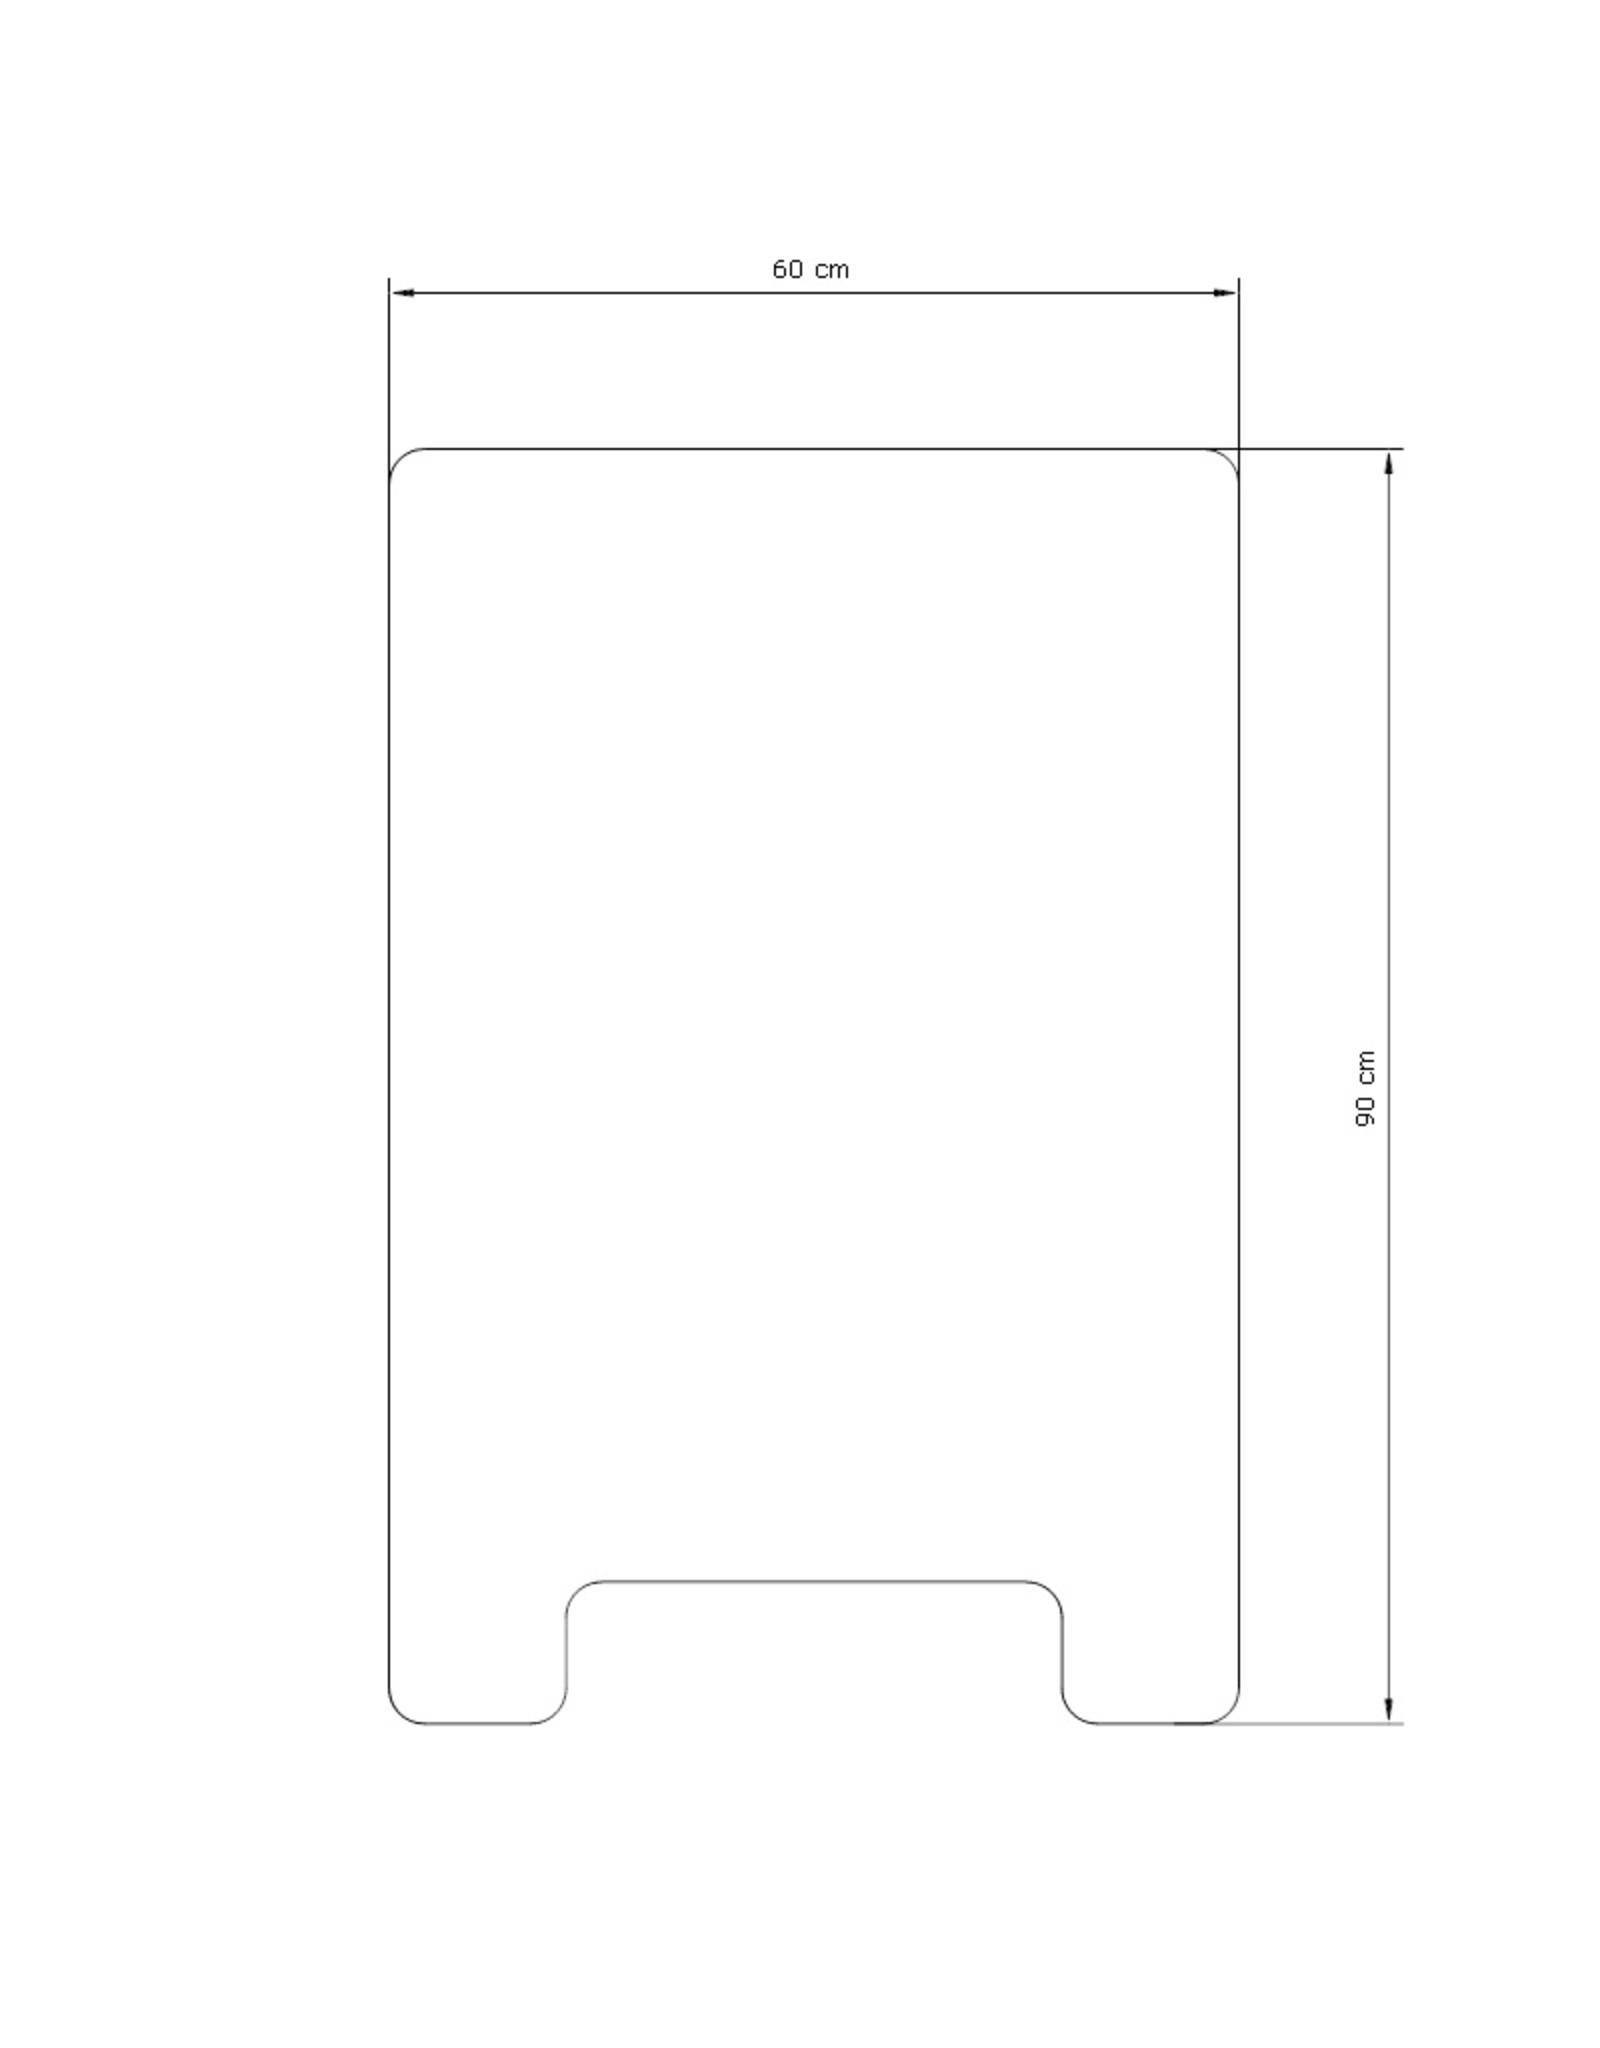 Corona preventie stoepbord (60 x 90cm)